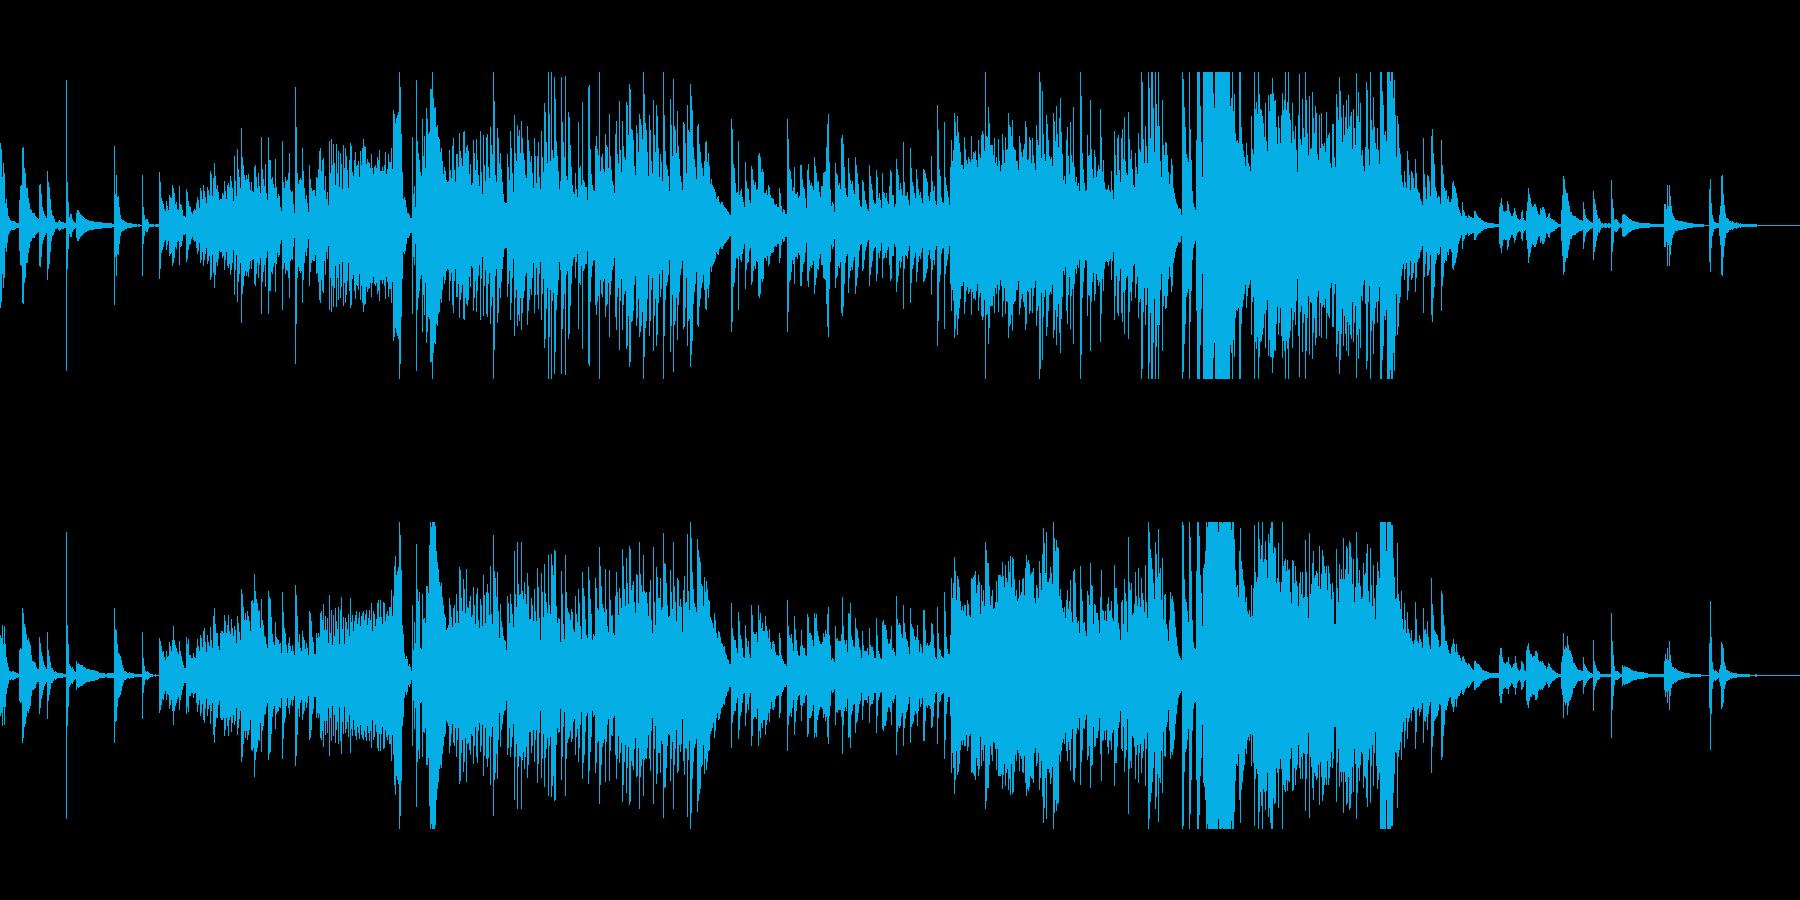 和を感じるピアノ曲の再生済みの波形